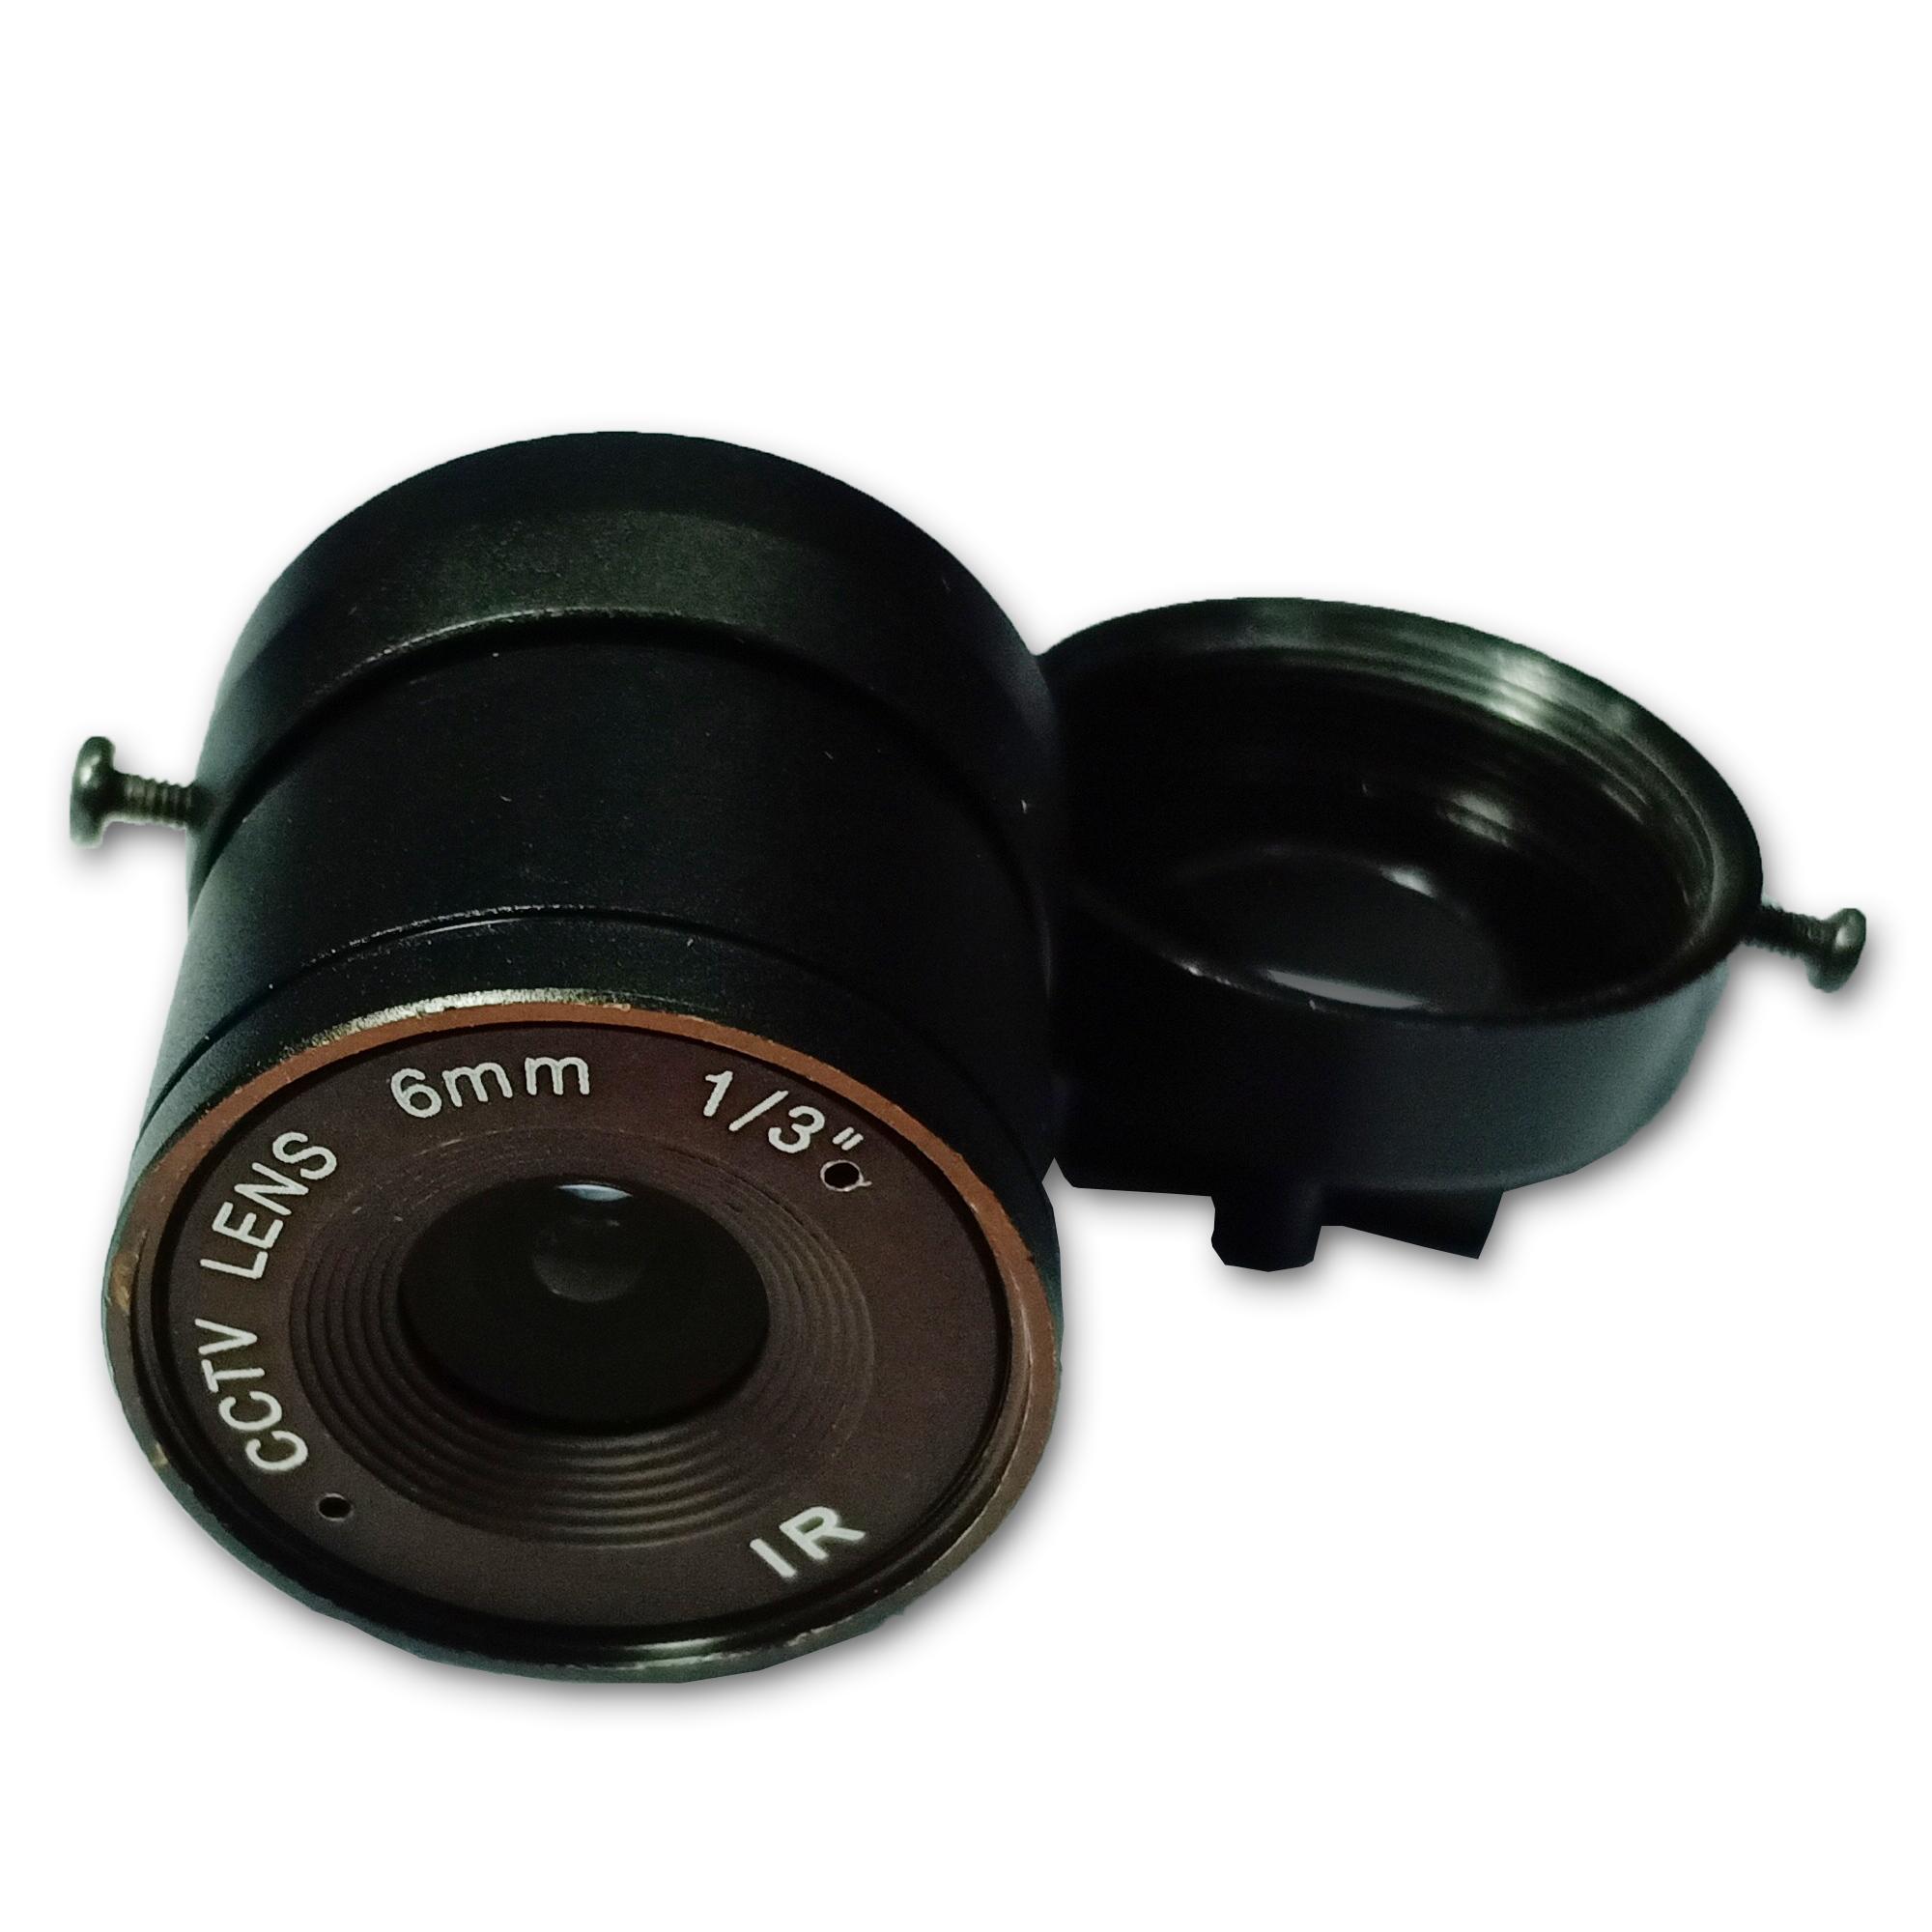 Lens máy ảnh Fixed 6mm IR 1/3 inch CCTV